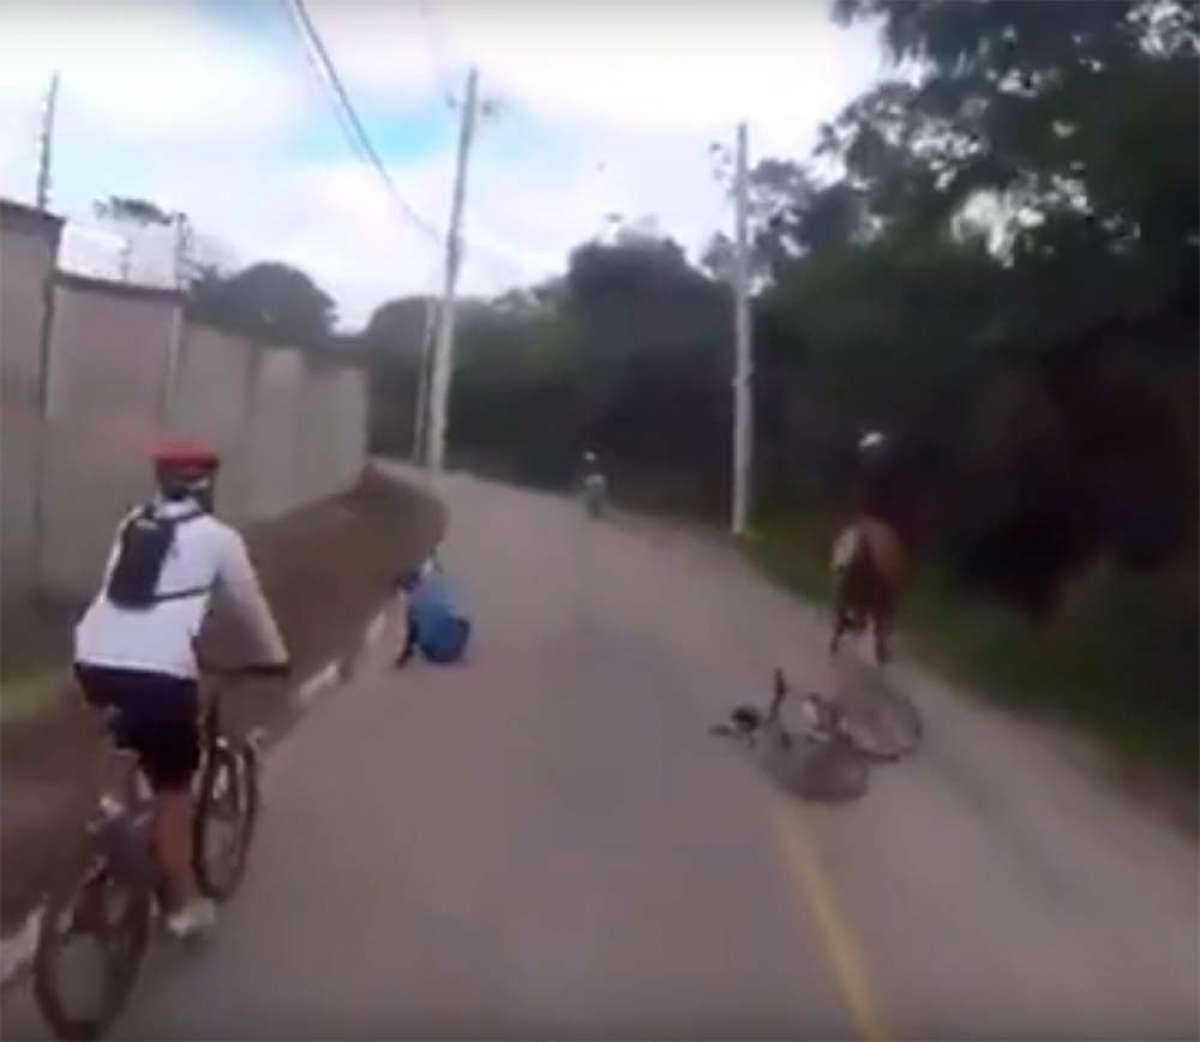 ¿Por qué los ciclistas deben dejar una buena distancia de seguridad al adelantar a un jinete con su caballo?